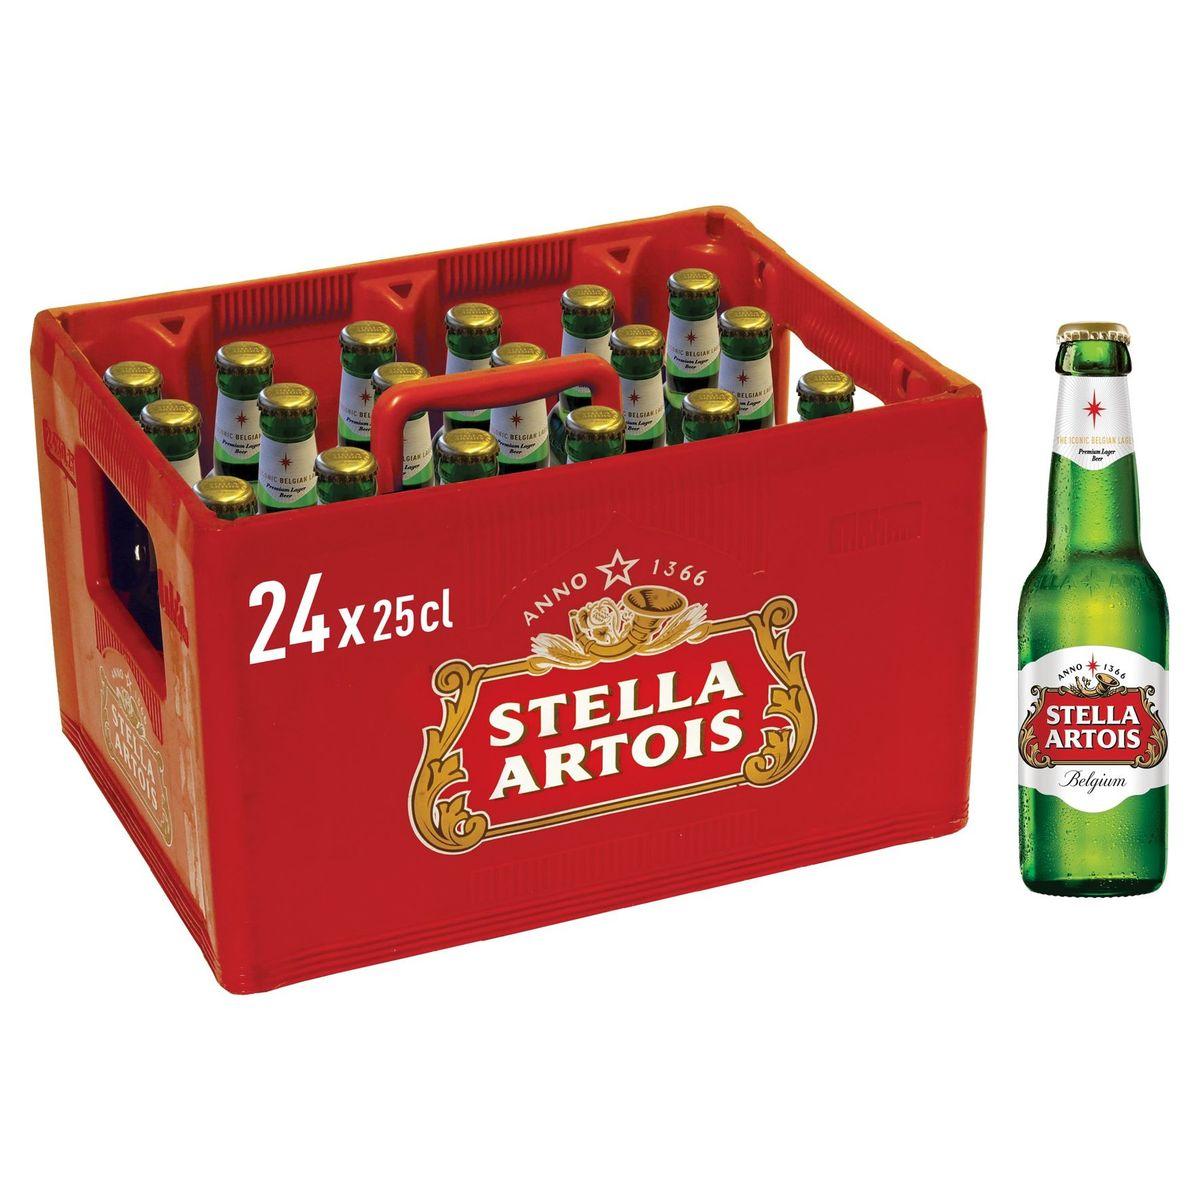 Stella Artois Belgium Premium Lager Beer Krat 24 x 25 cl